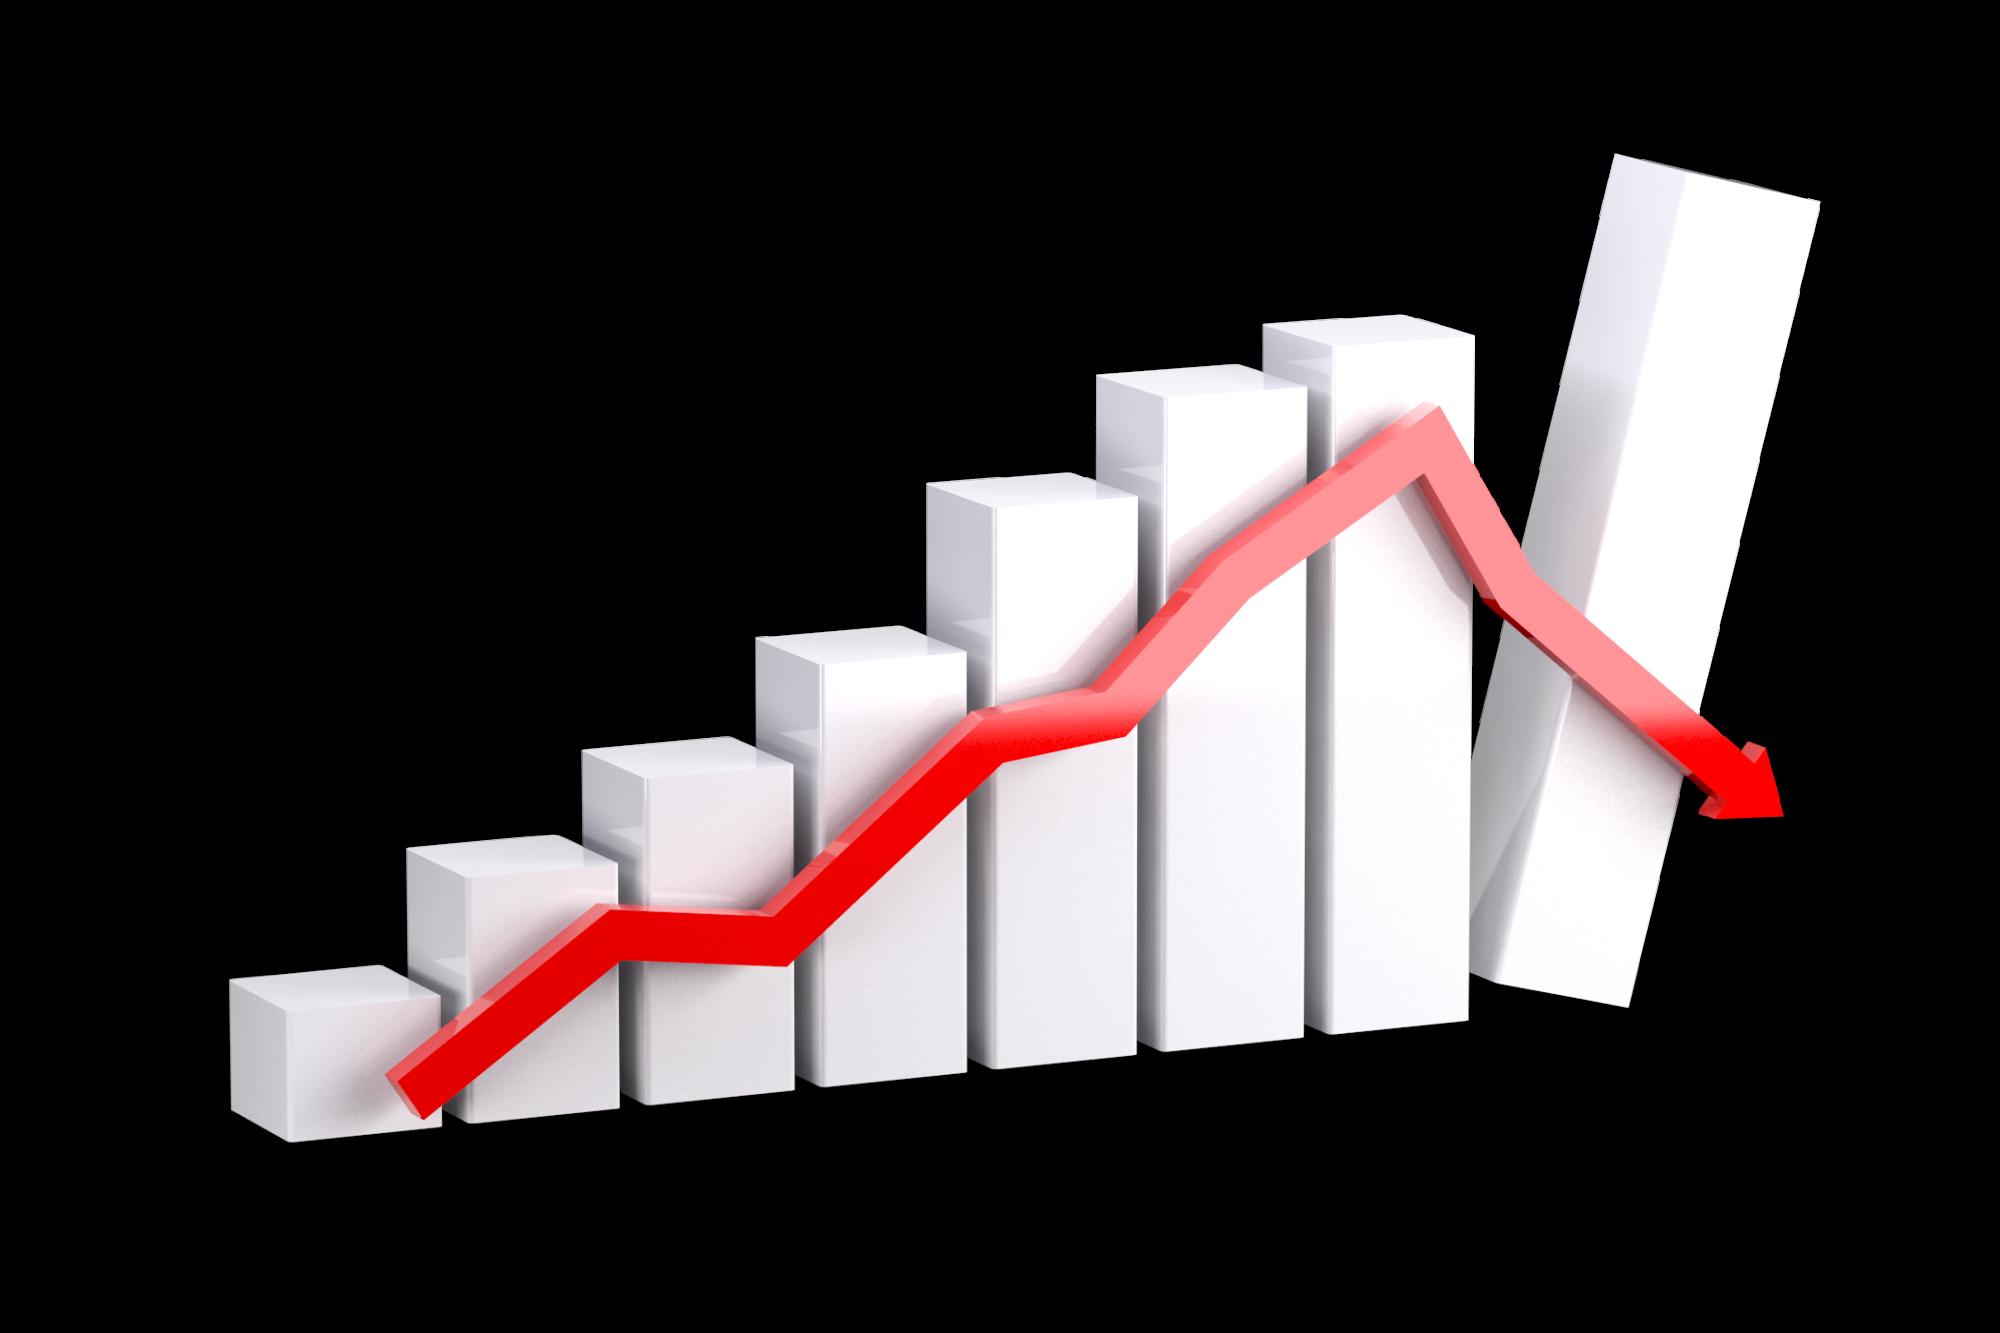 Volatile Stock Market Visualized